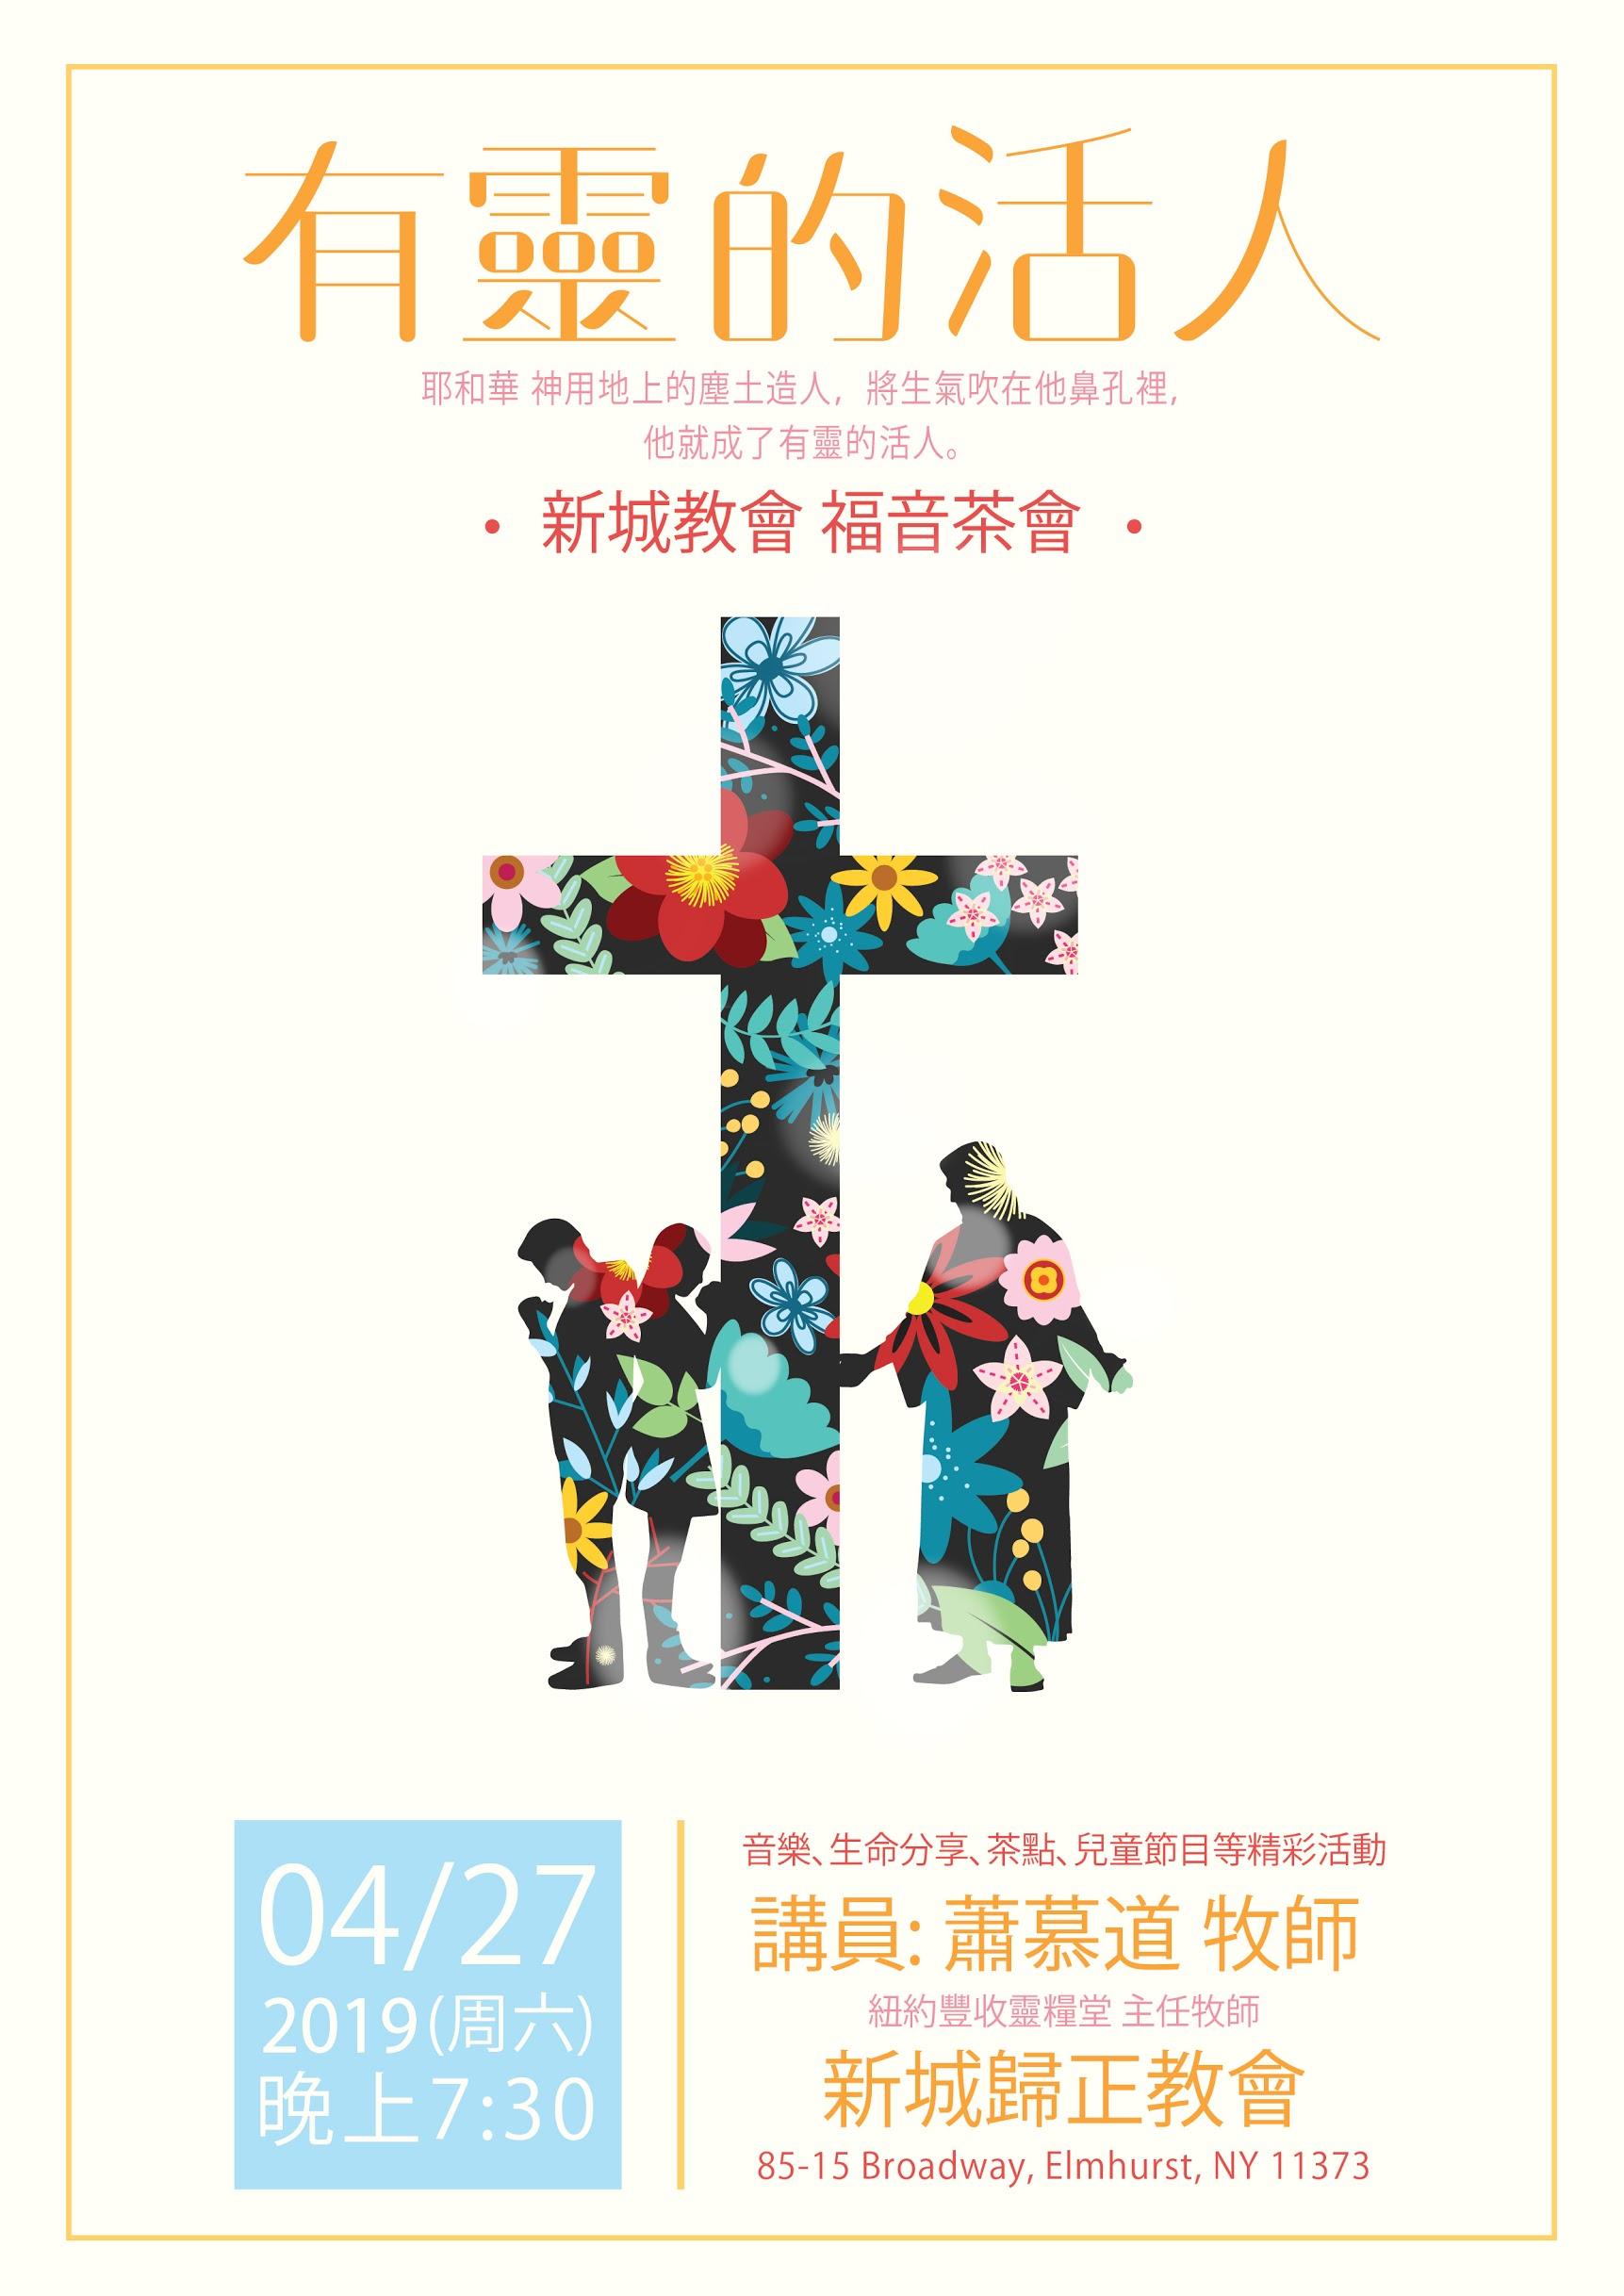 2019年春季福音茶会.jpg